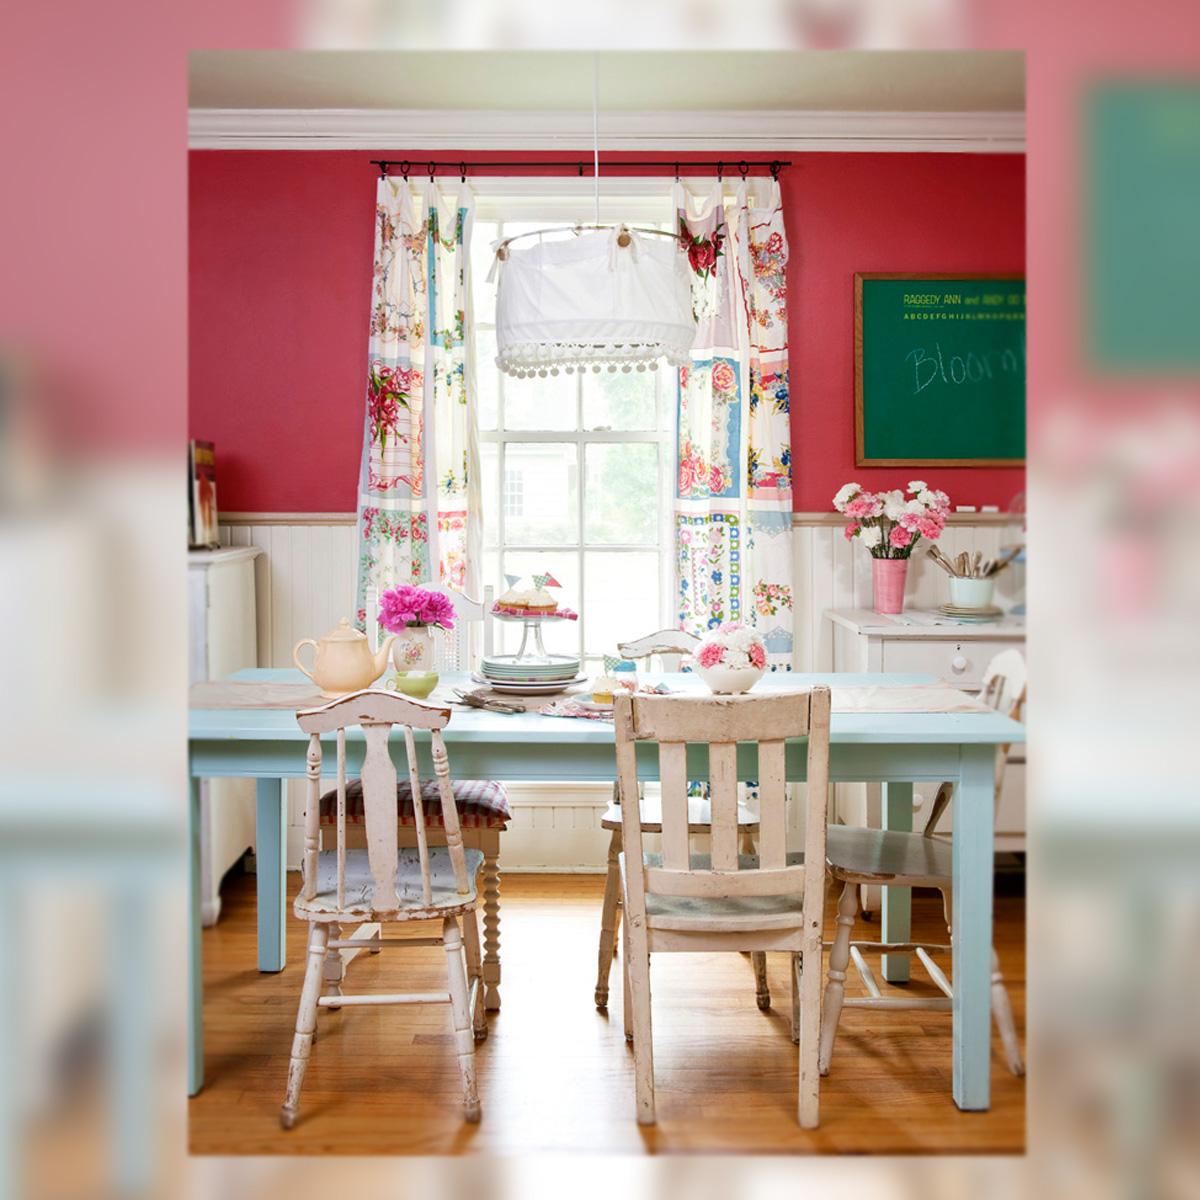 Decoraci n felicidad en el comedor la musa decoraci n for Decoracion muebles vintage